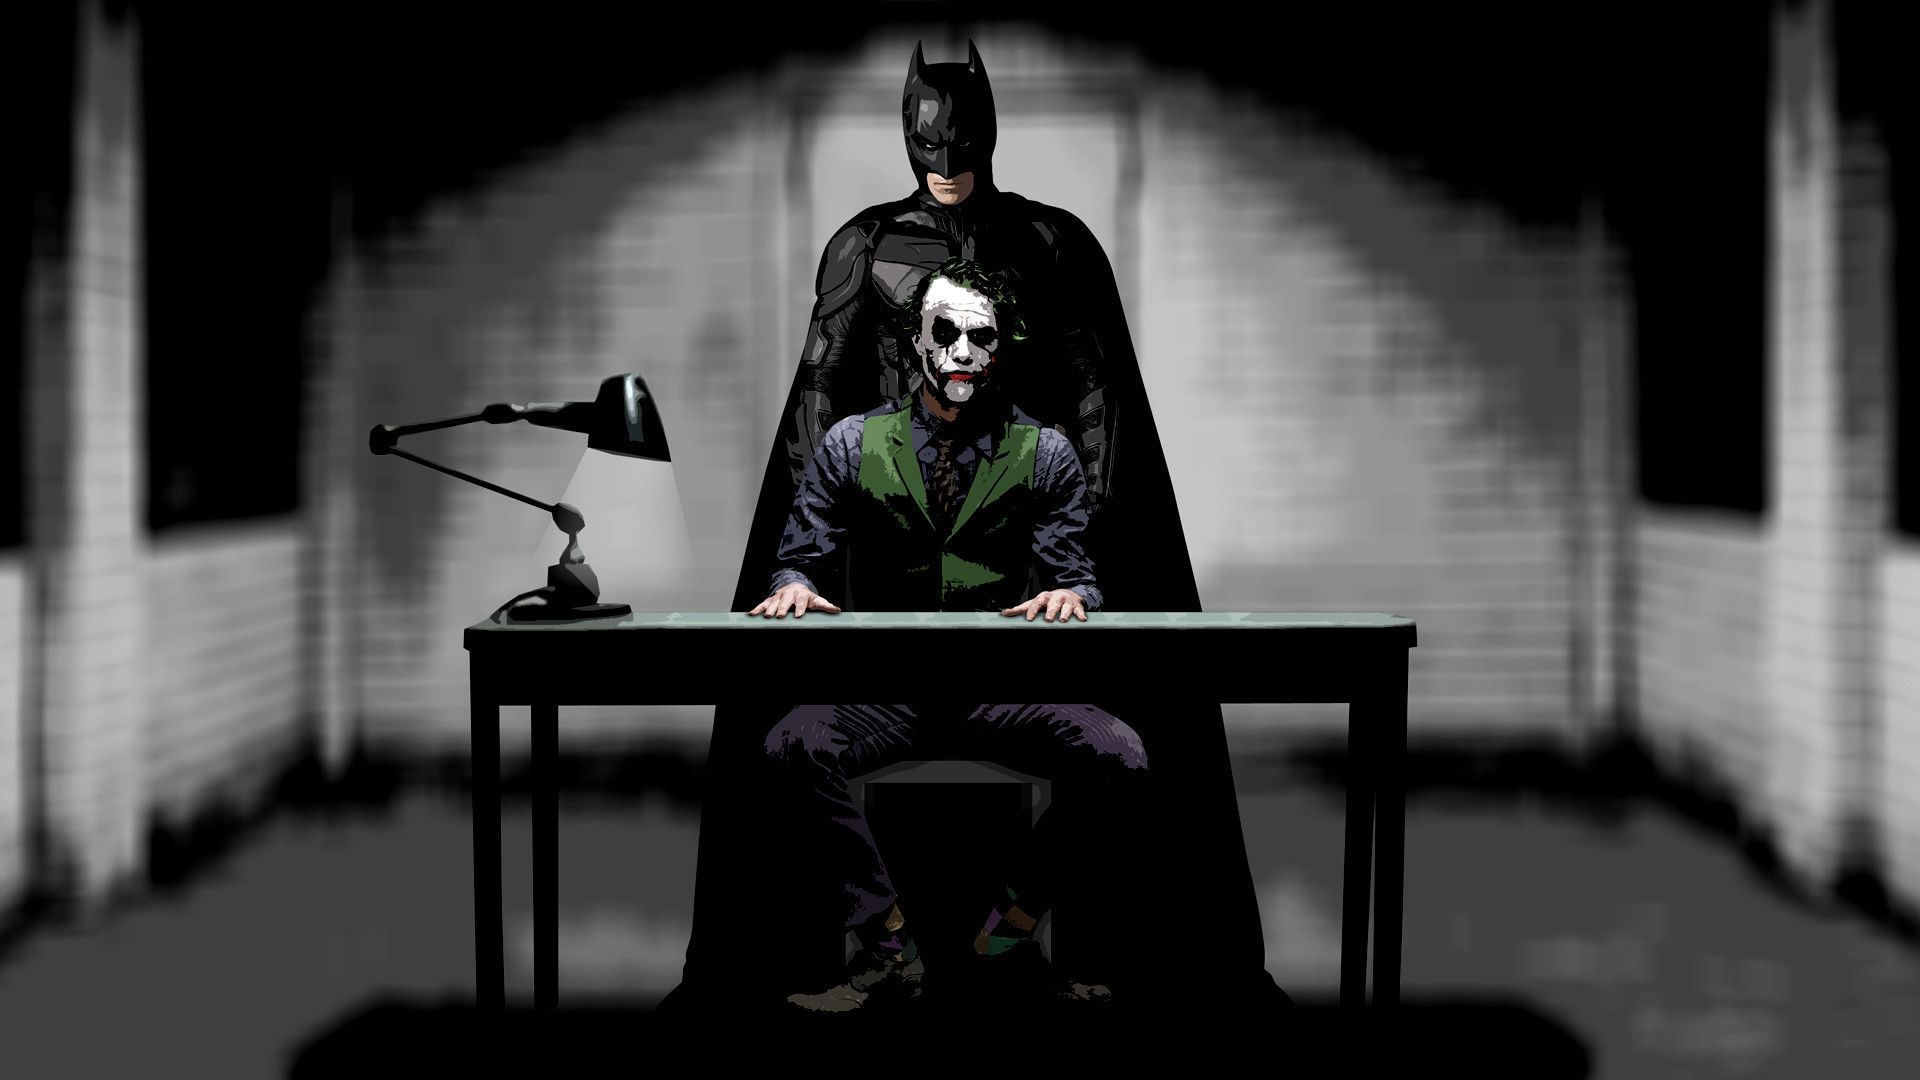 1920x1080 Batman Joker Full Hd Masaustu Duvar Kagitlari Joker Hd Wallpaper Batman Wallpaper Batman Joker Wallpaper